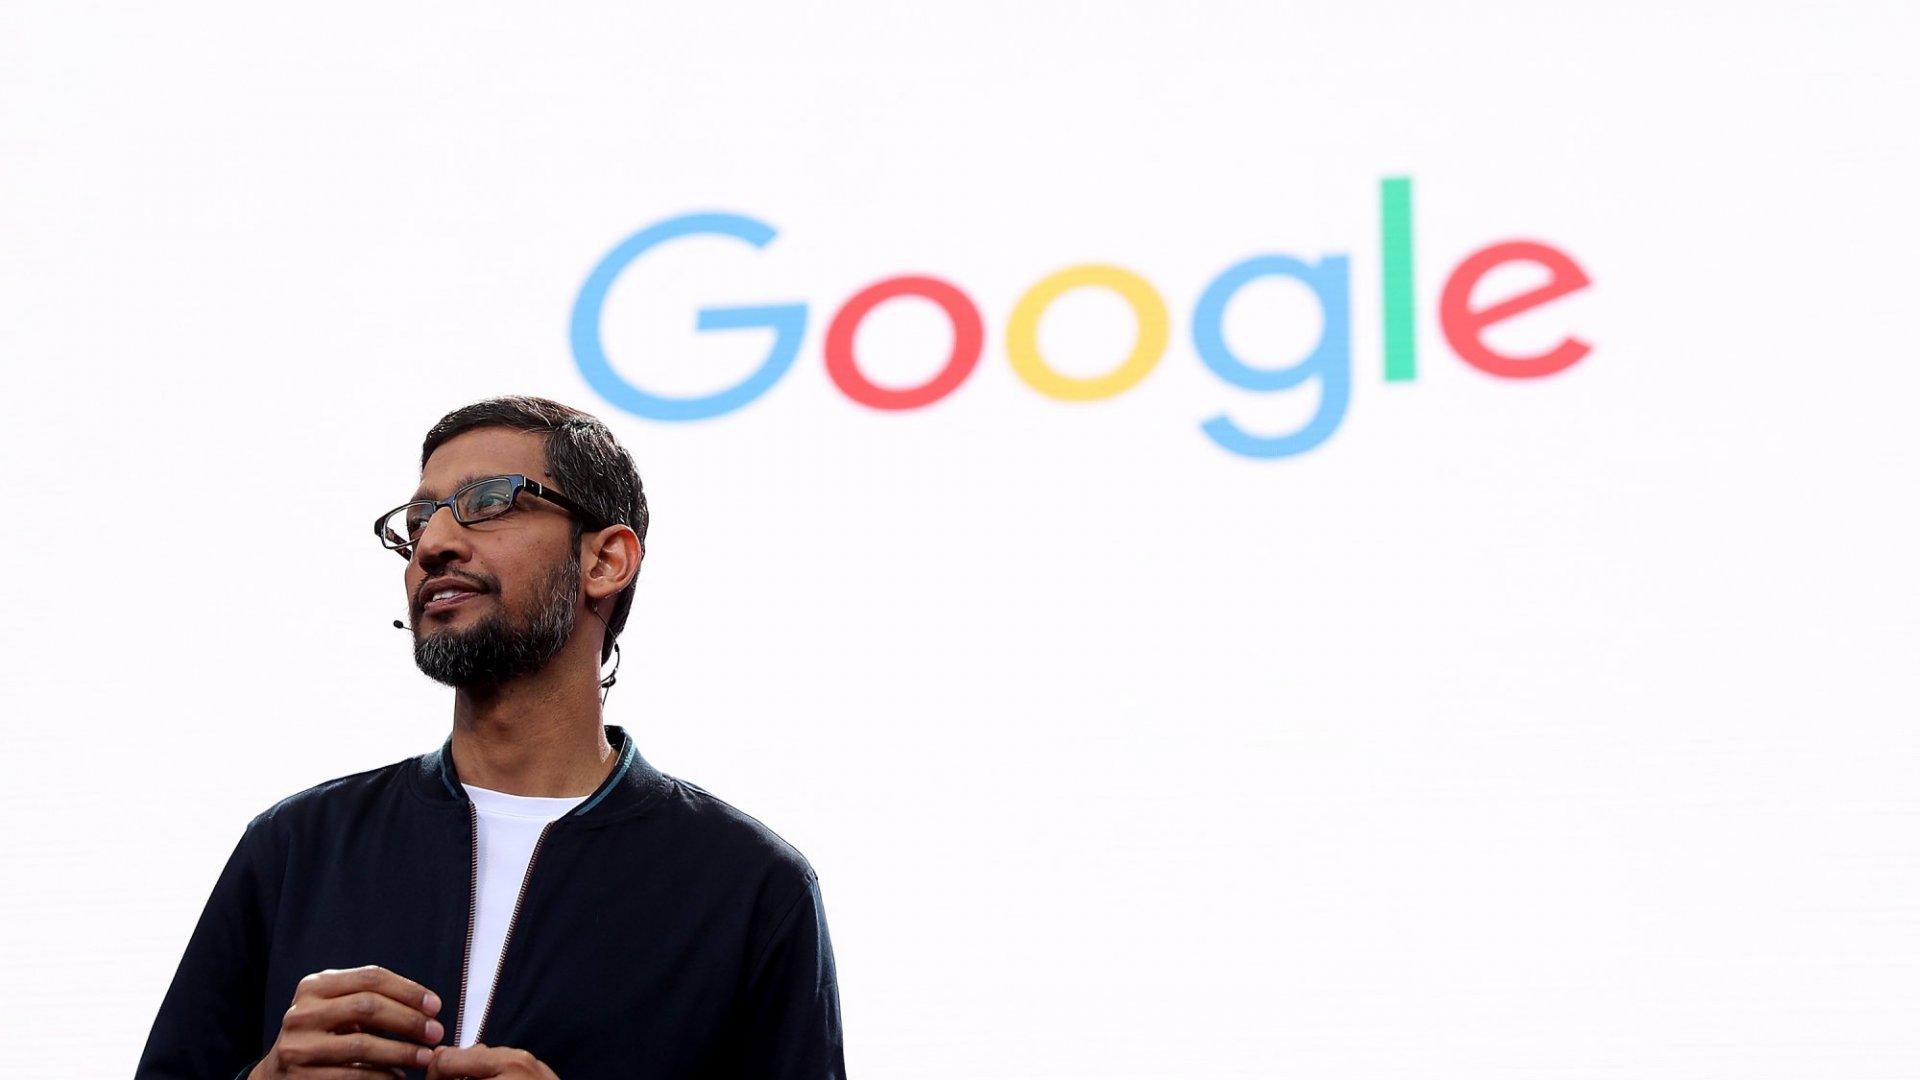 3 Smart SEO Tips for Businesses From Google's Sundar Pichai